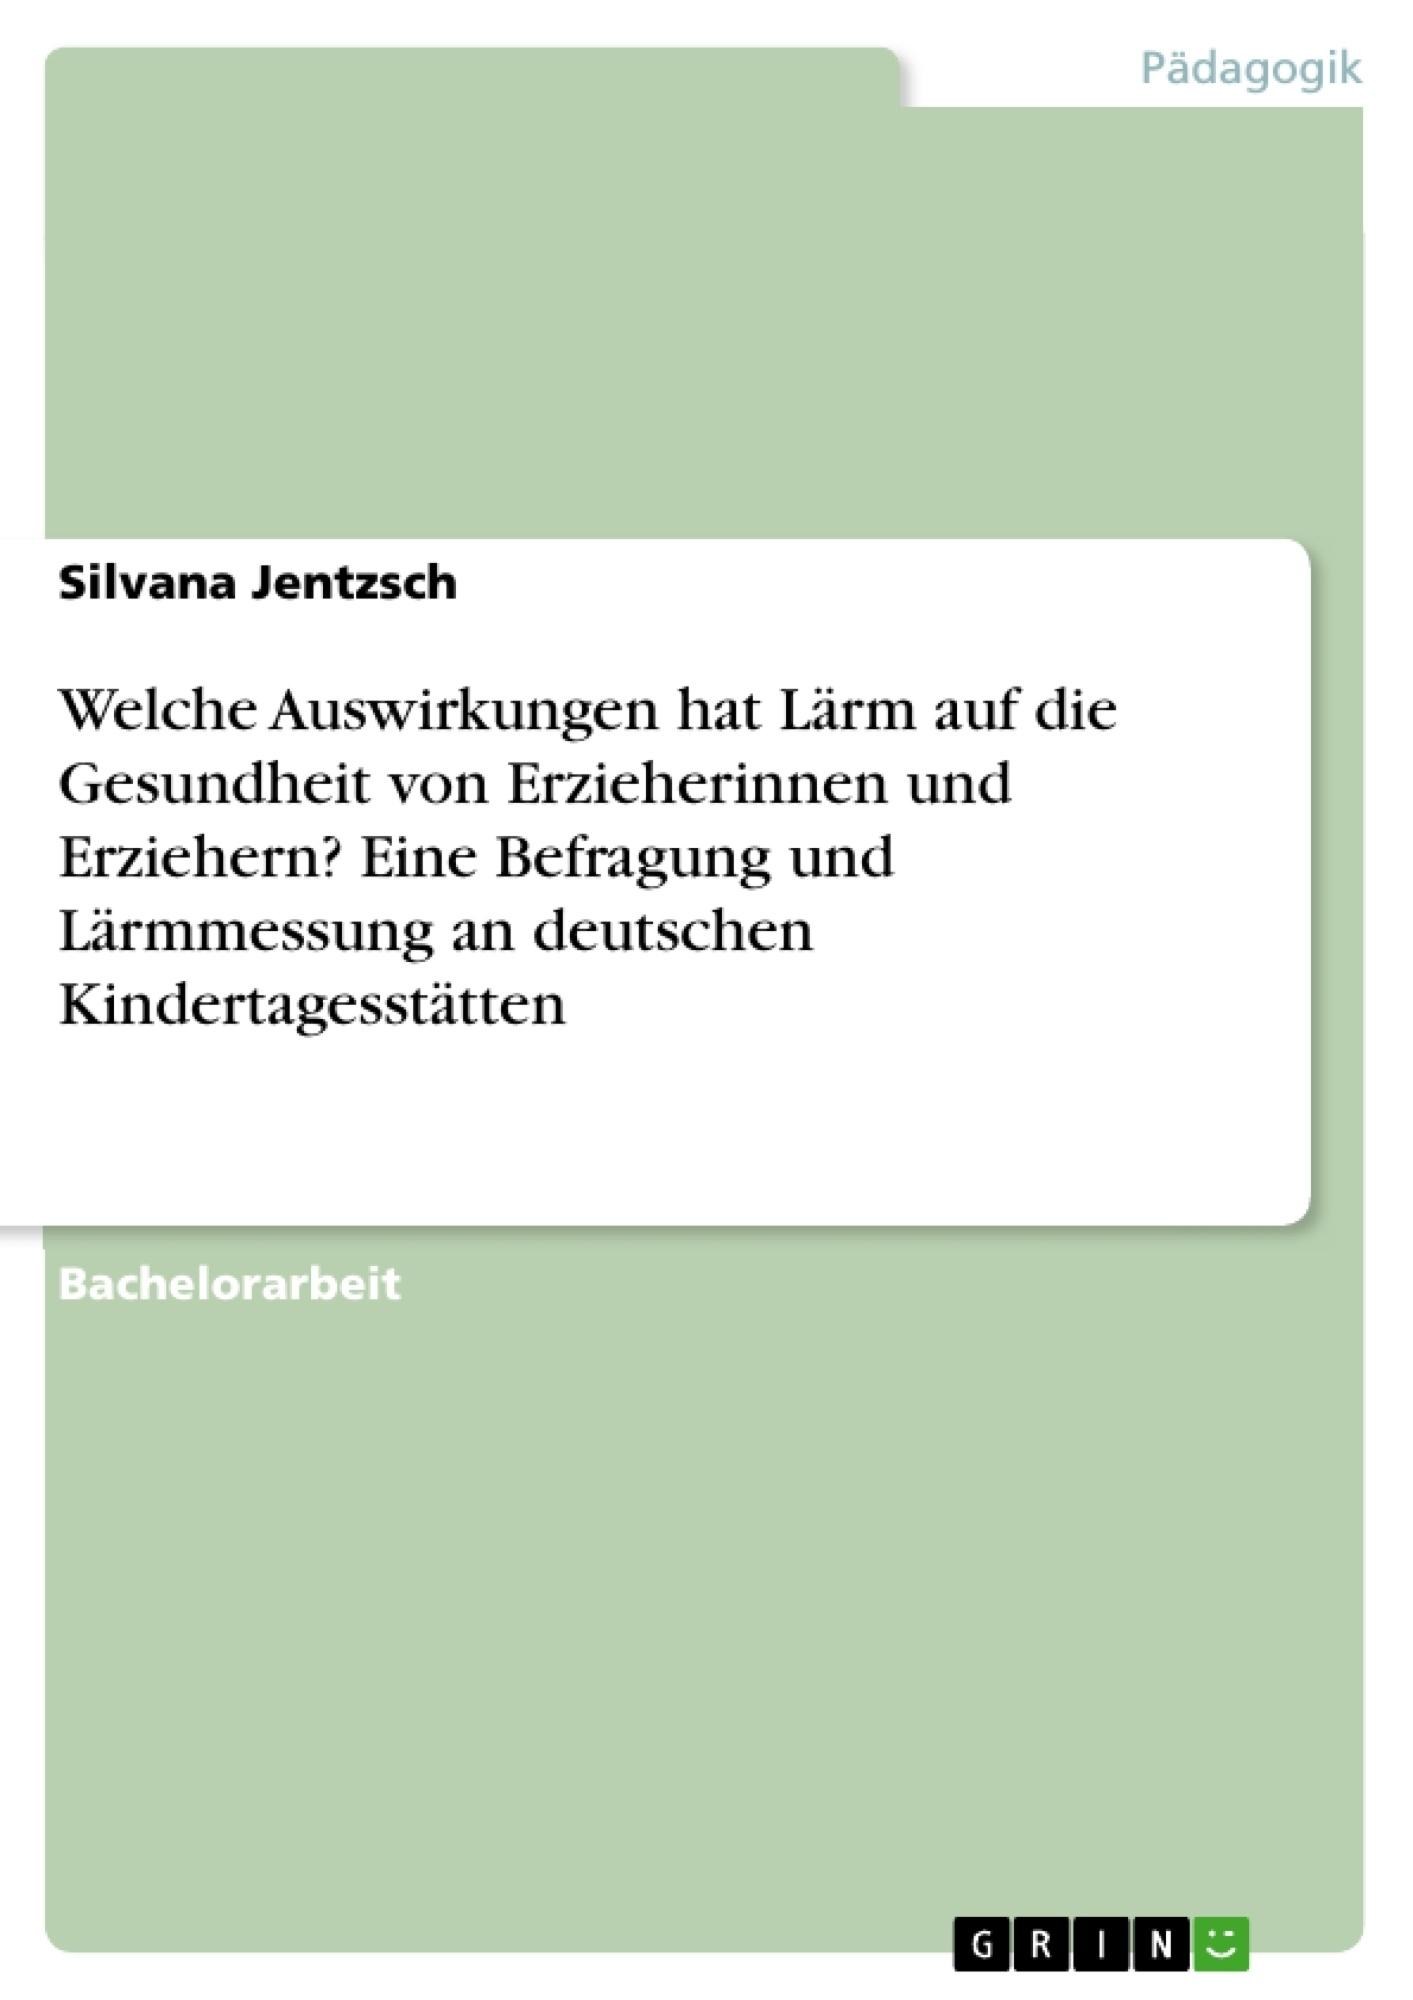 Titel: Welche Auswirkungen hat Lärm auf die Gesundheit von Erzieherinnen und Erziehern? Eine Befragung und Lärmmessung an deutschen Kindertagesstätten